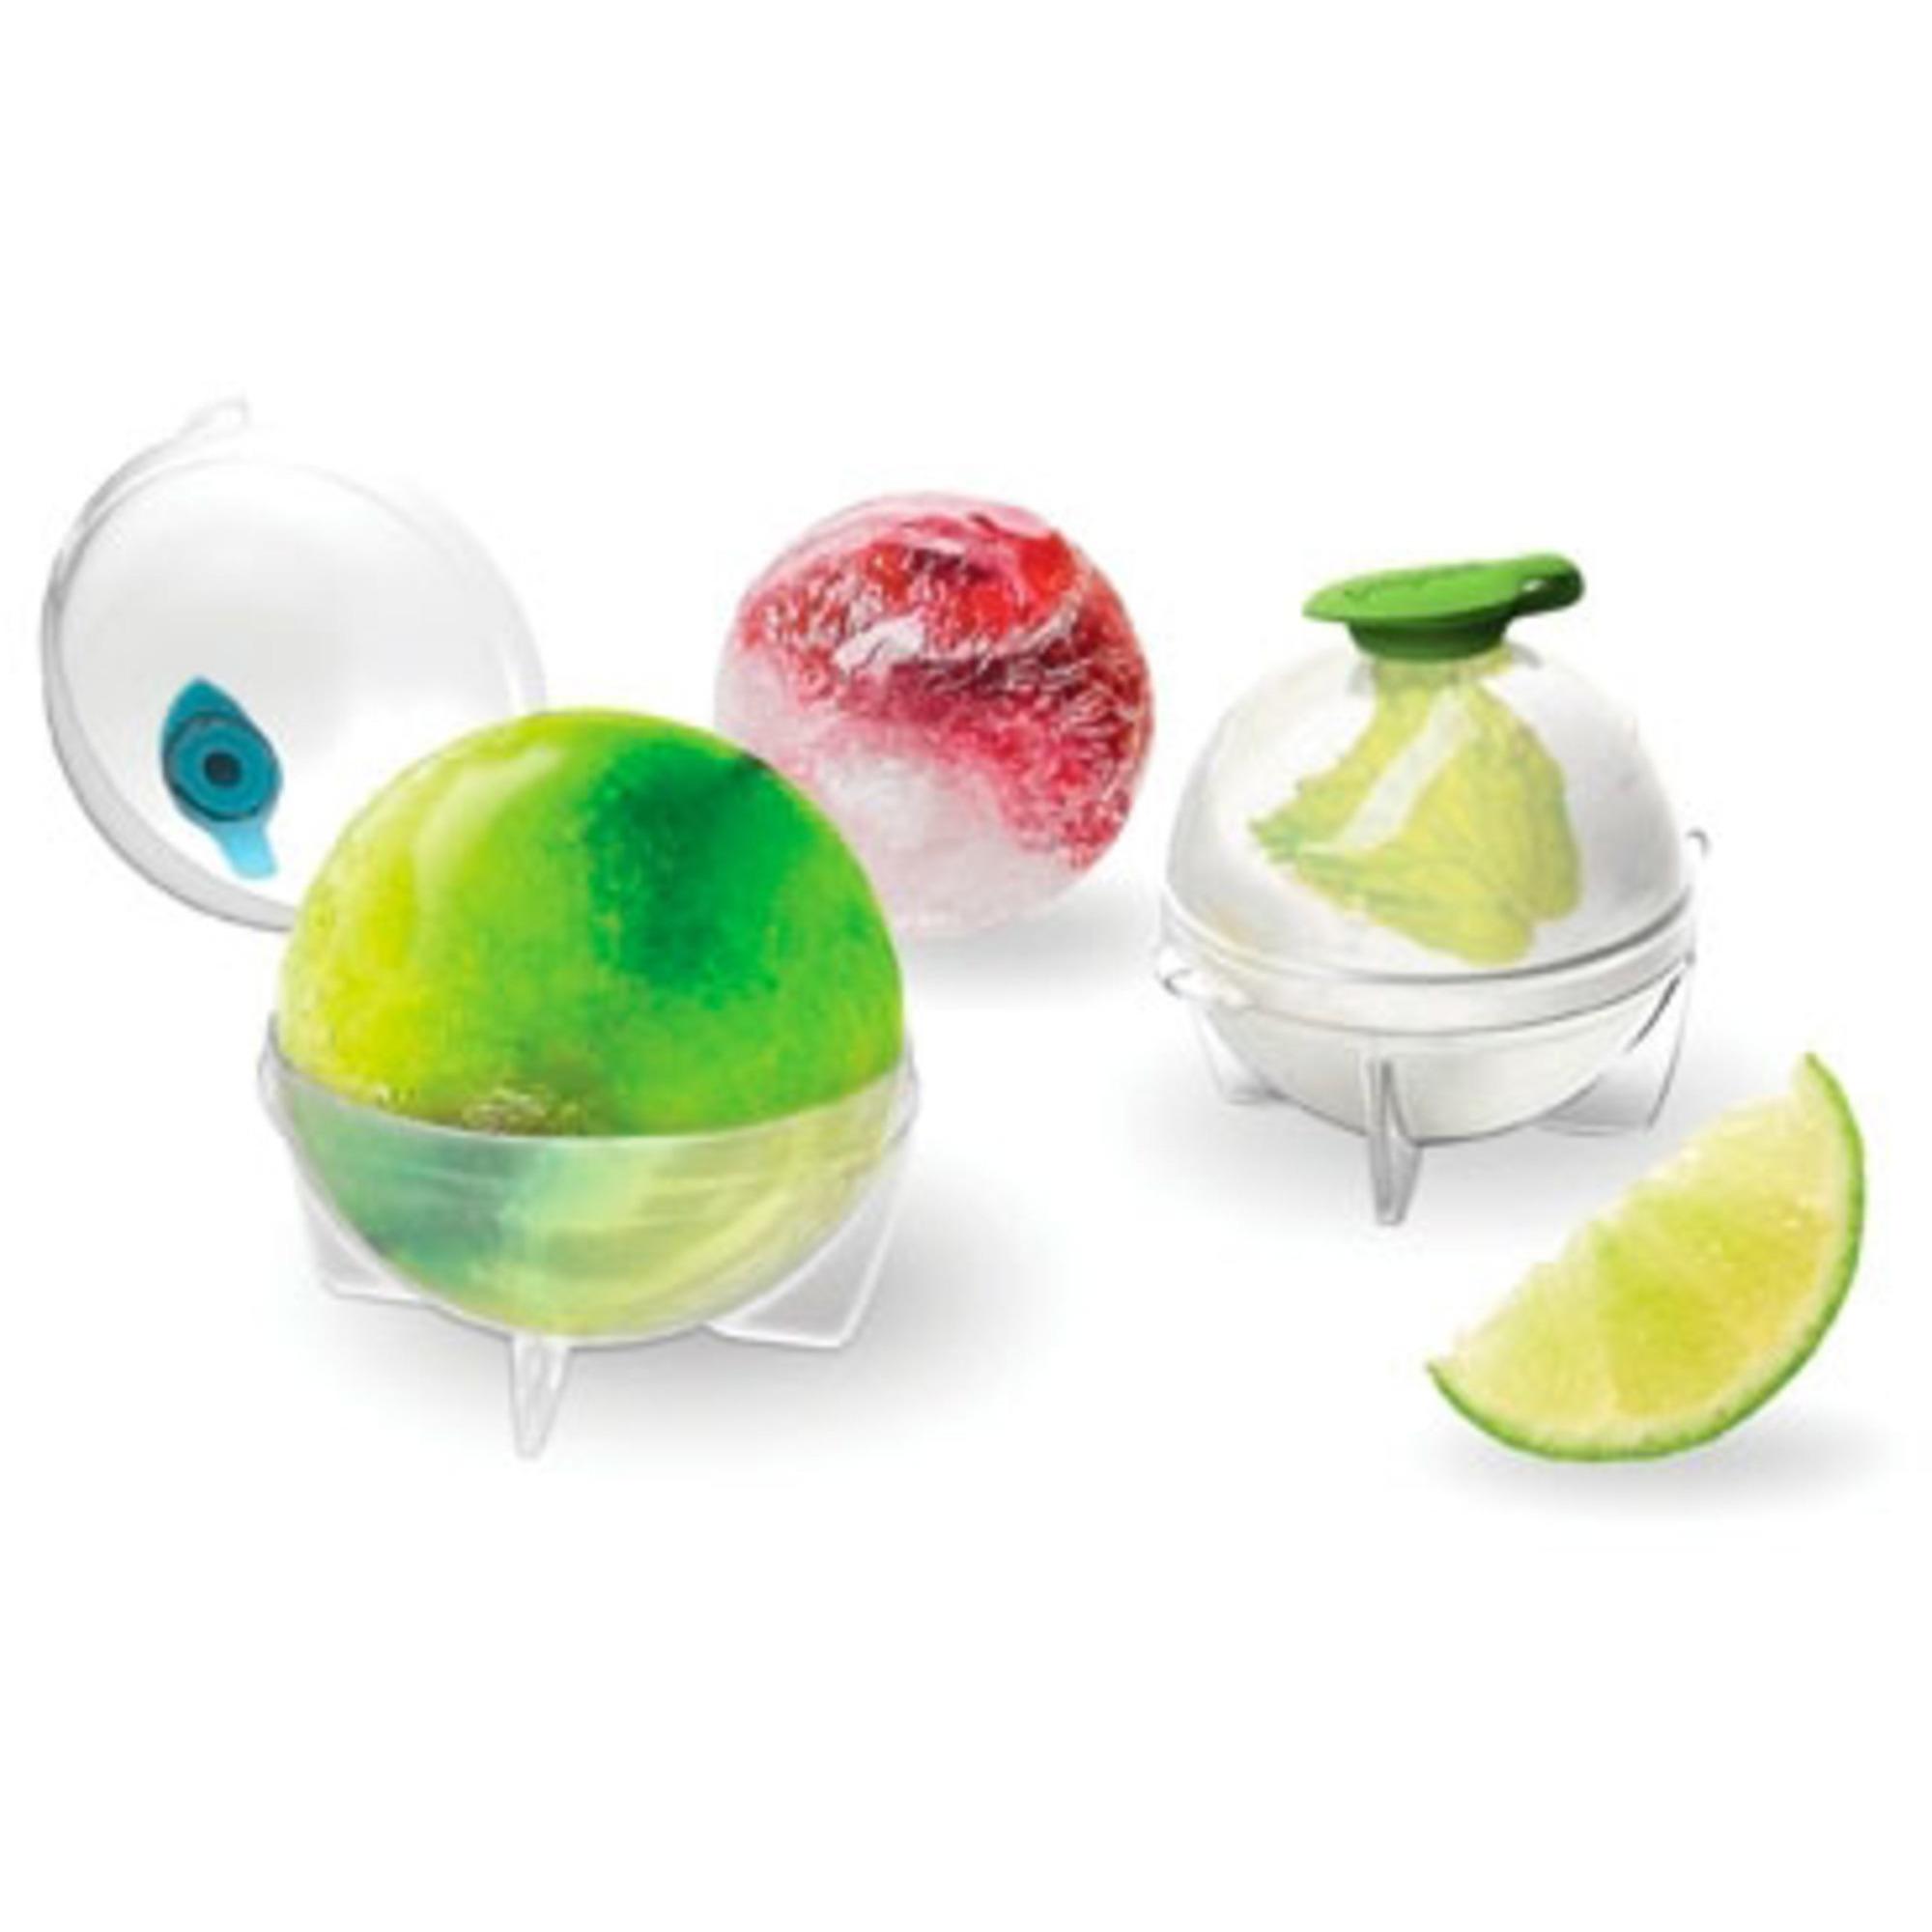 Prepara Prepará Ice Balls Maker Jumbo 2-pack